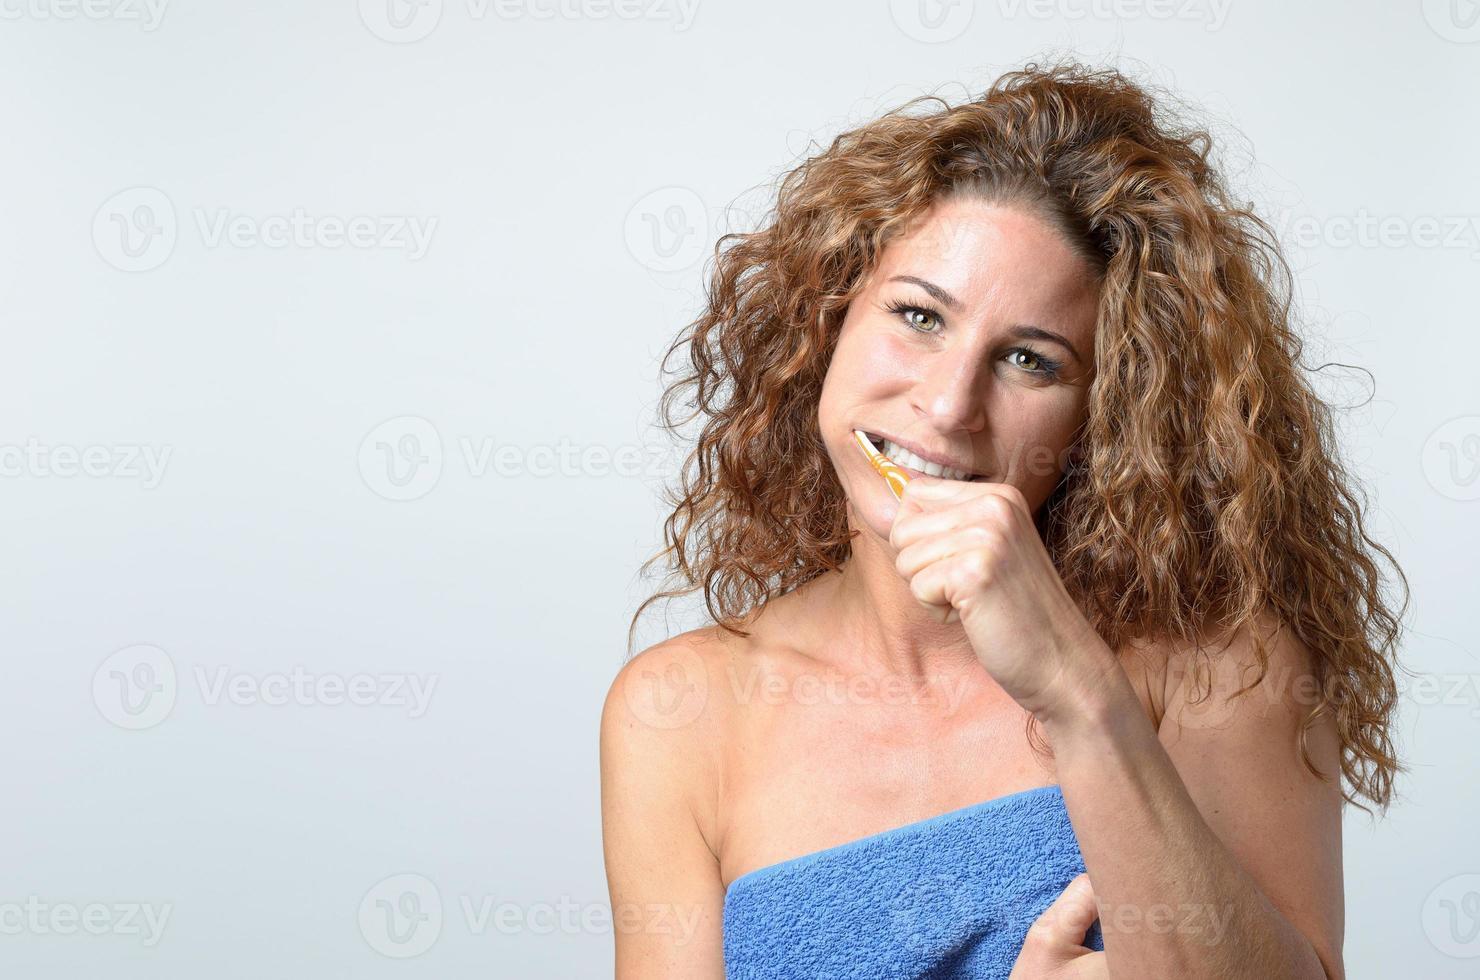 Frau putzt ihre Zähne mit einer Zahnbürste foto